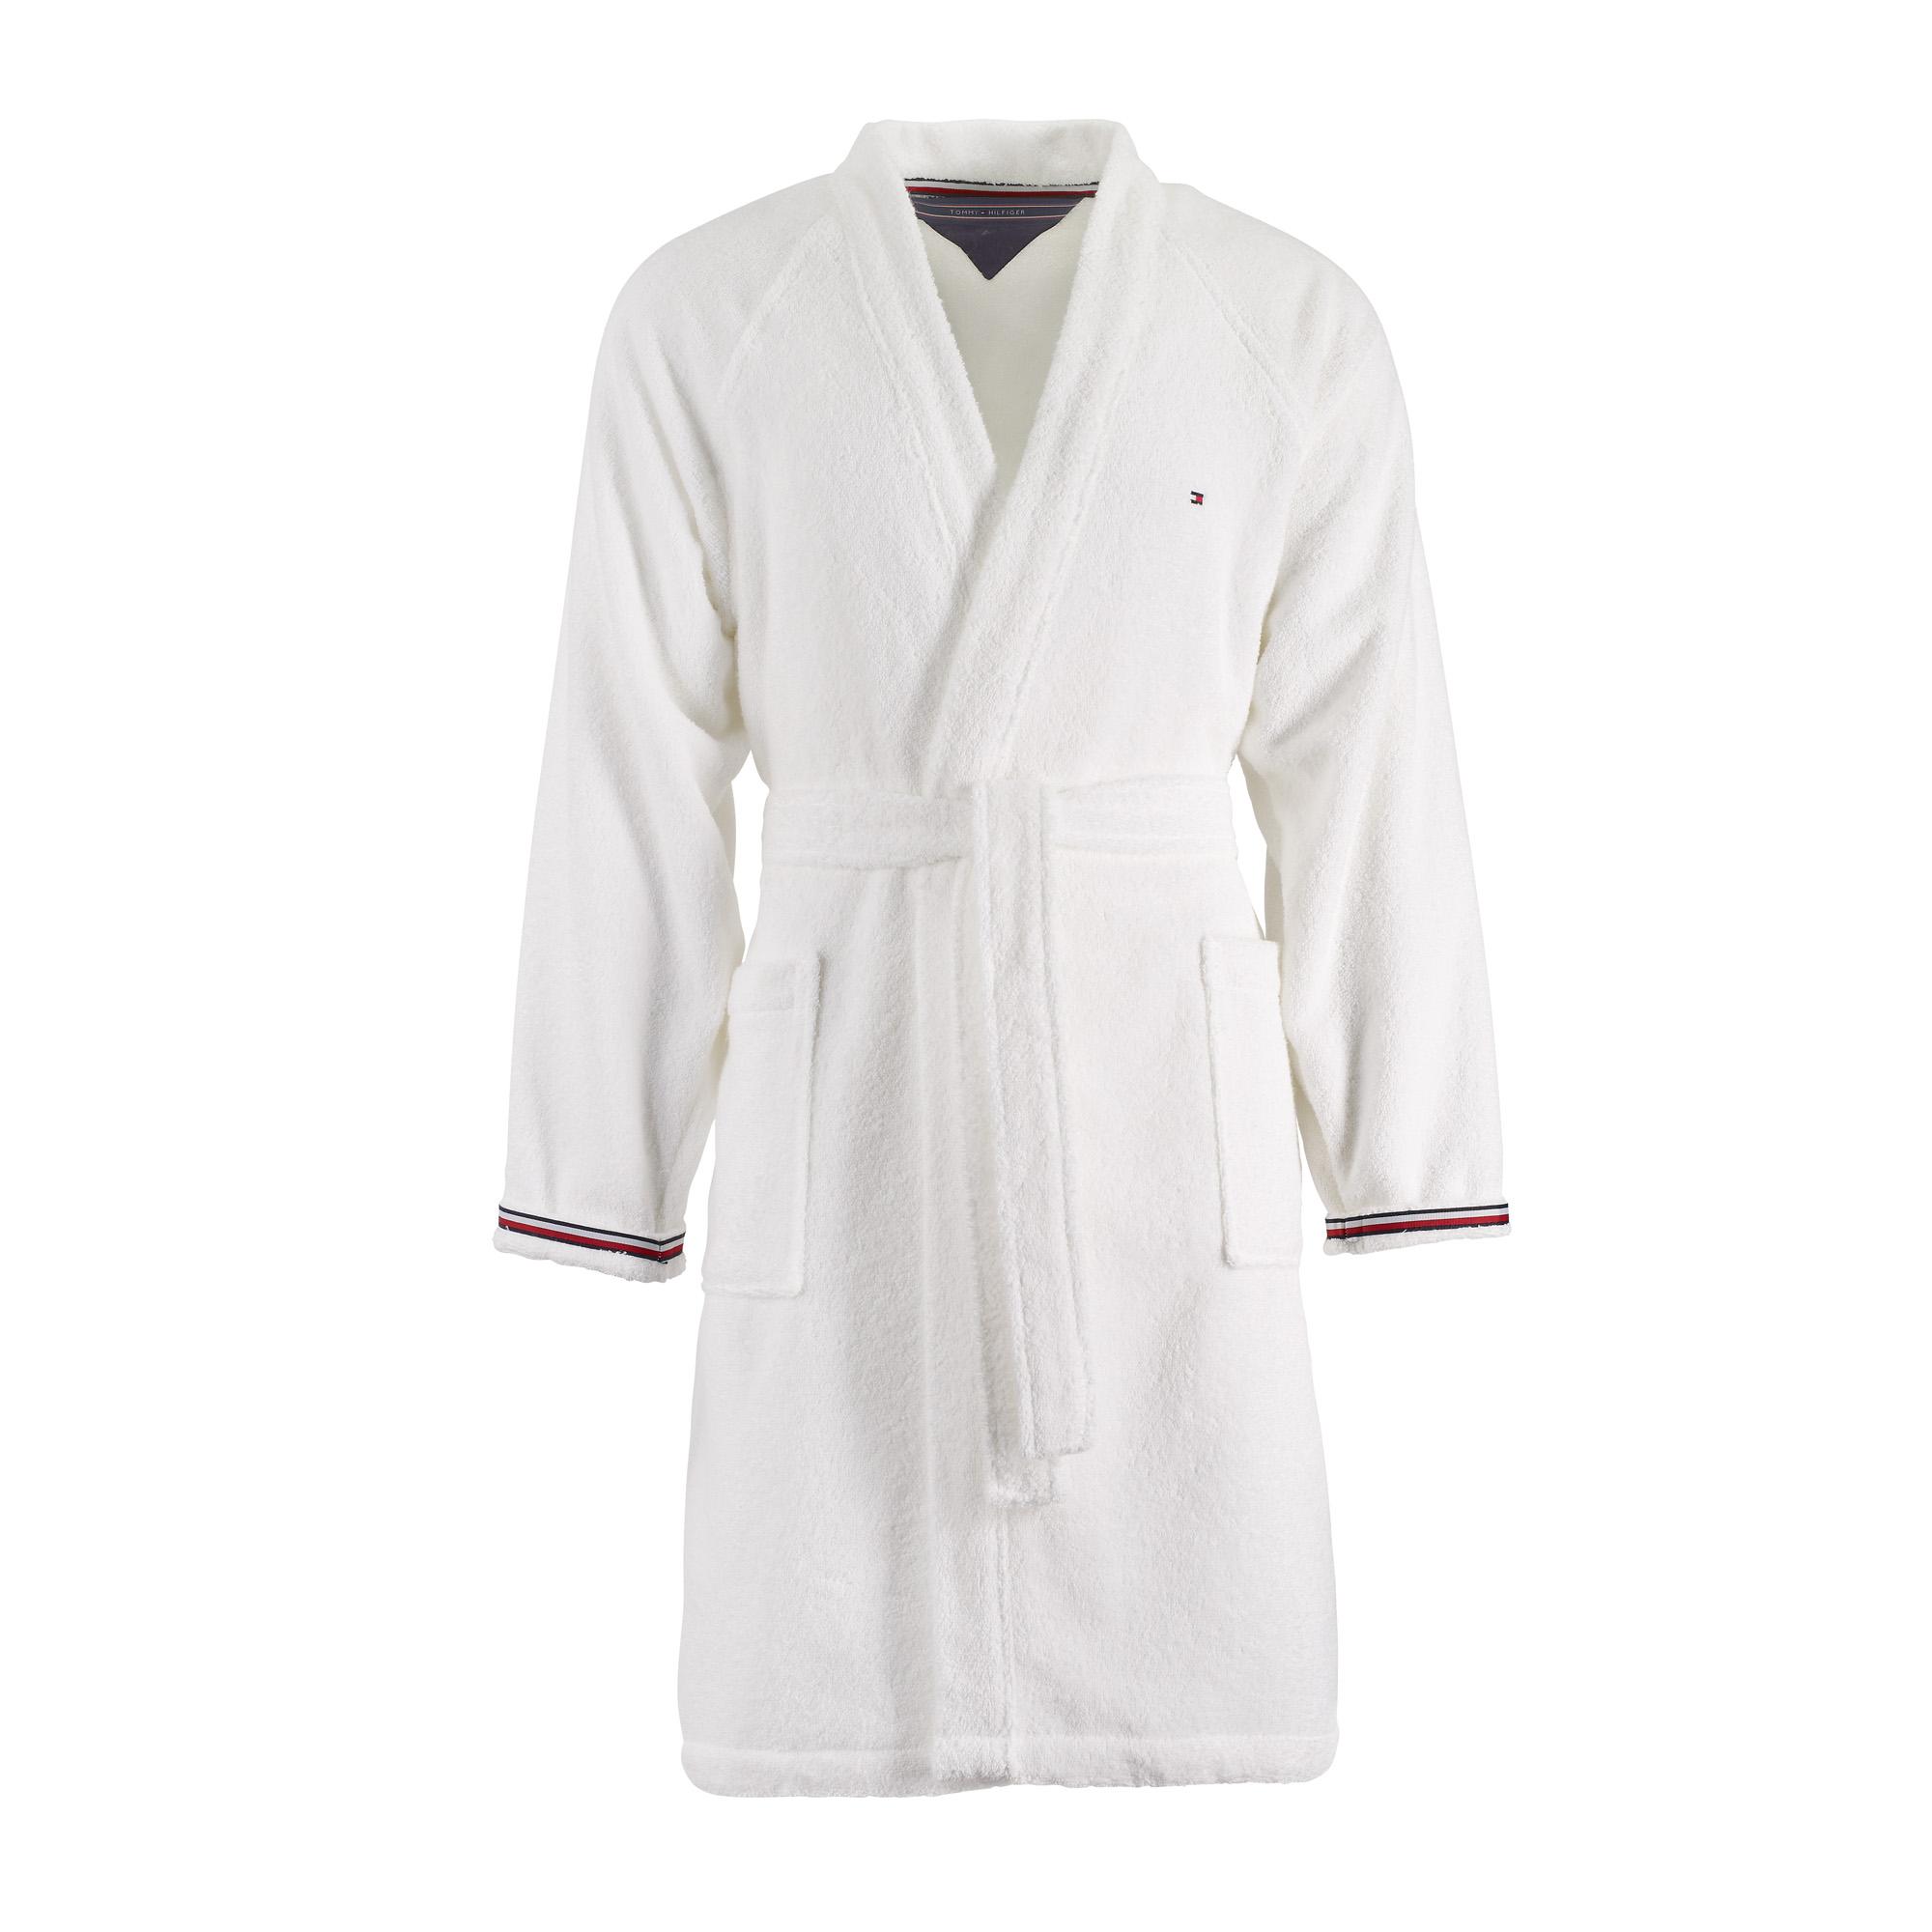 Peignoir kimono legend 3 eponge white